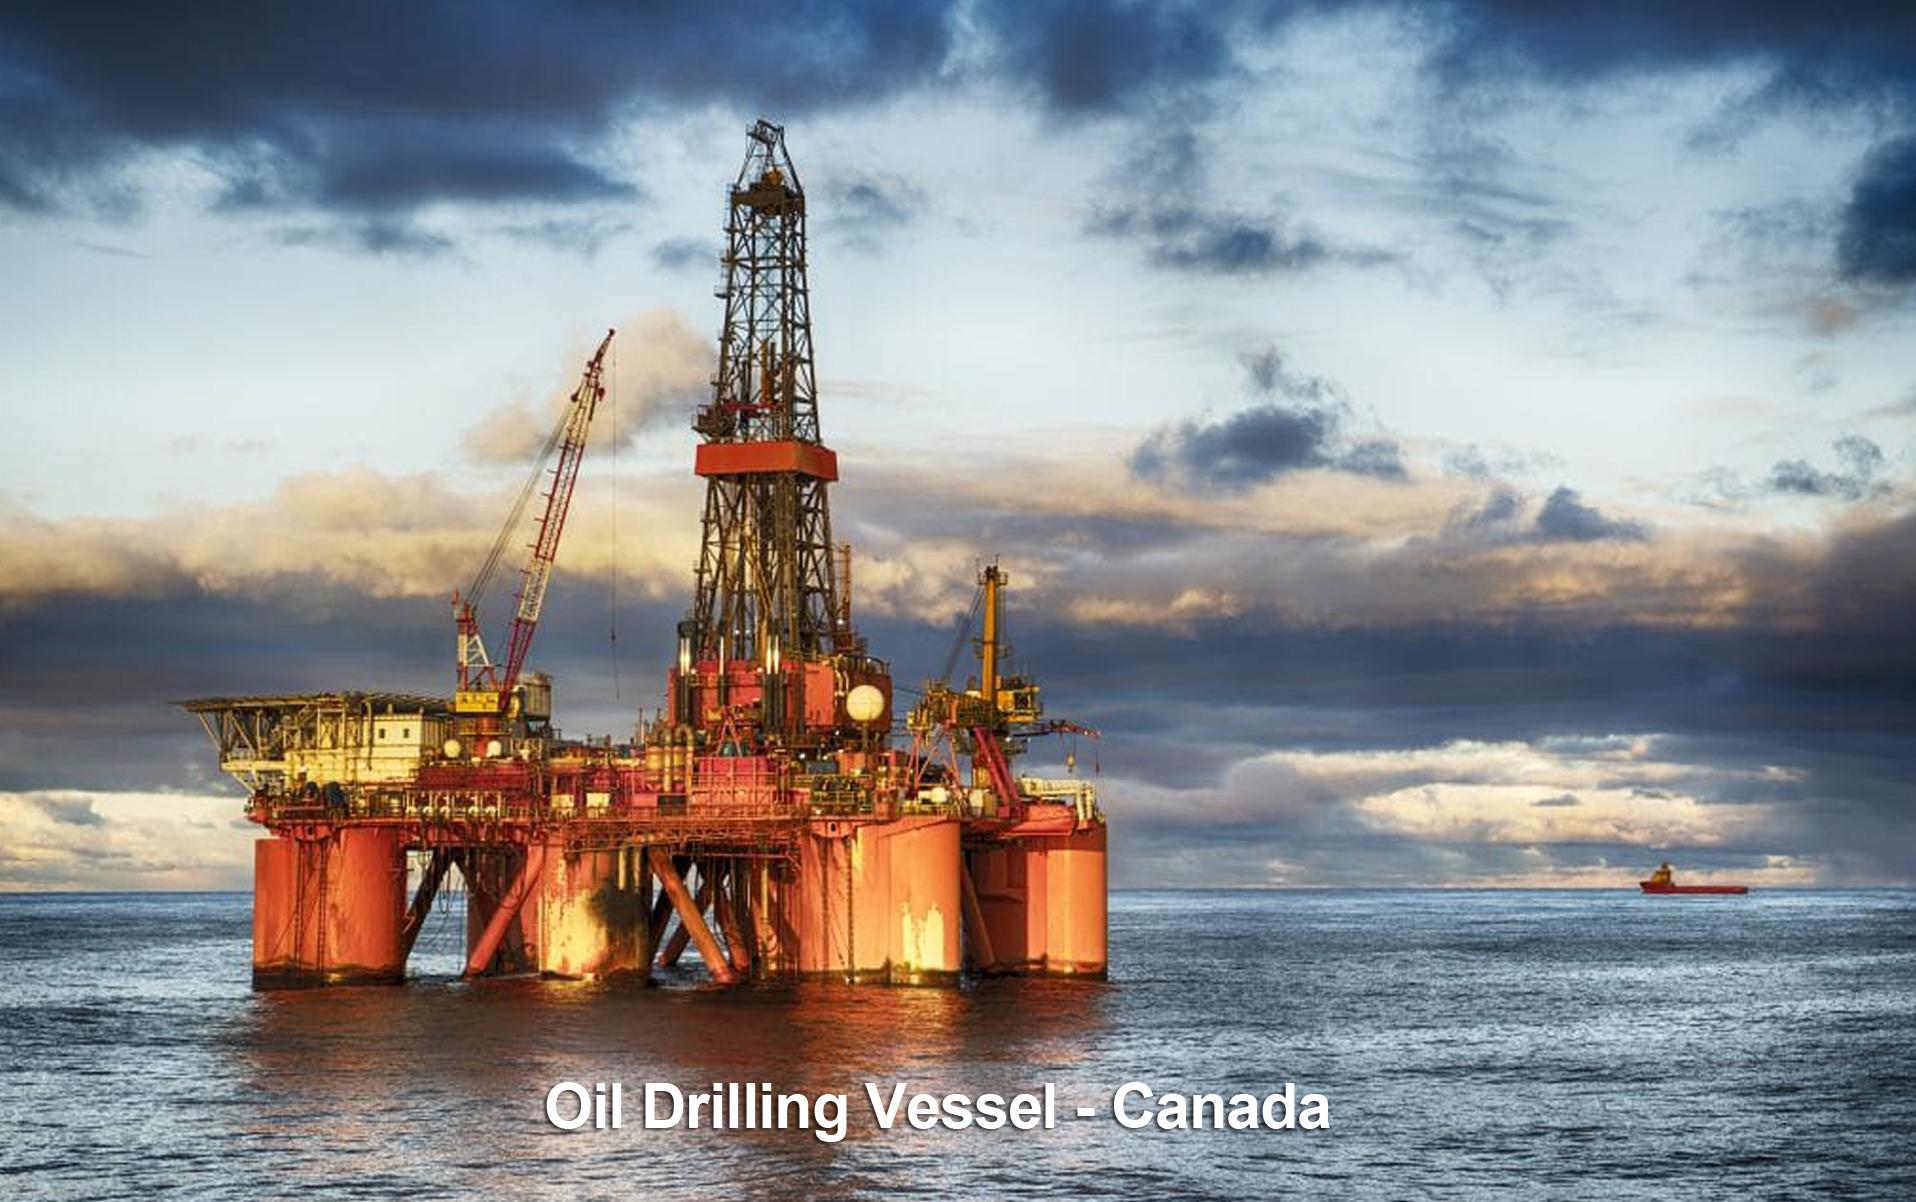 Oil Drilling Vessel - Canada